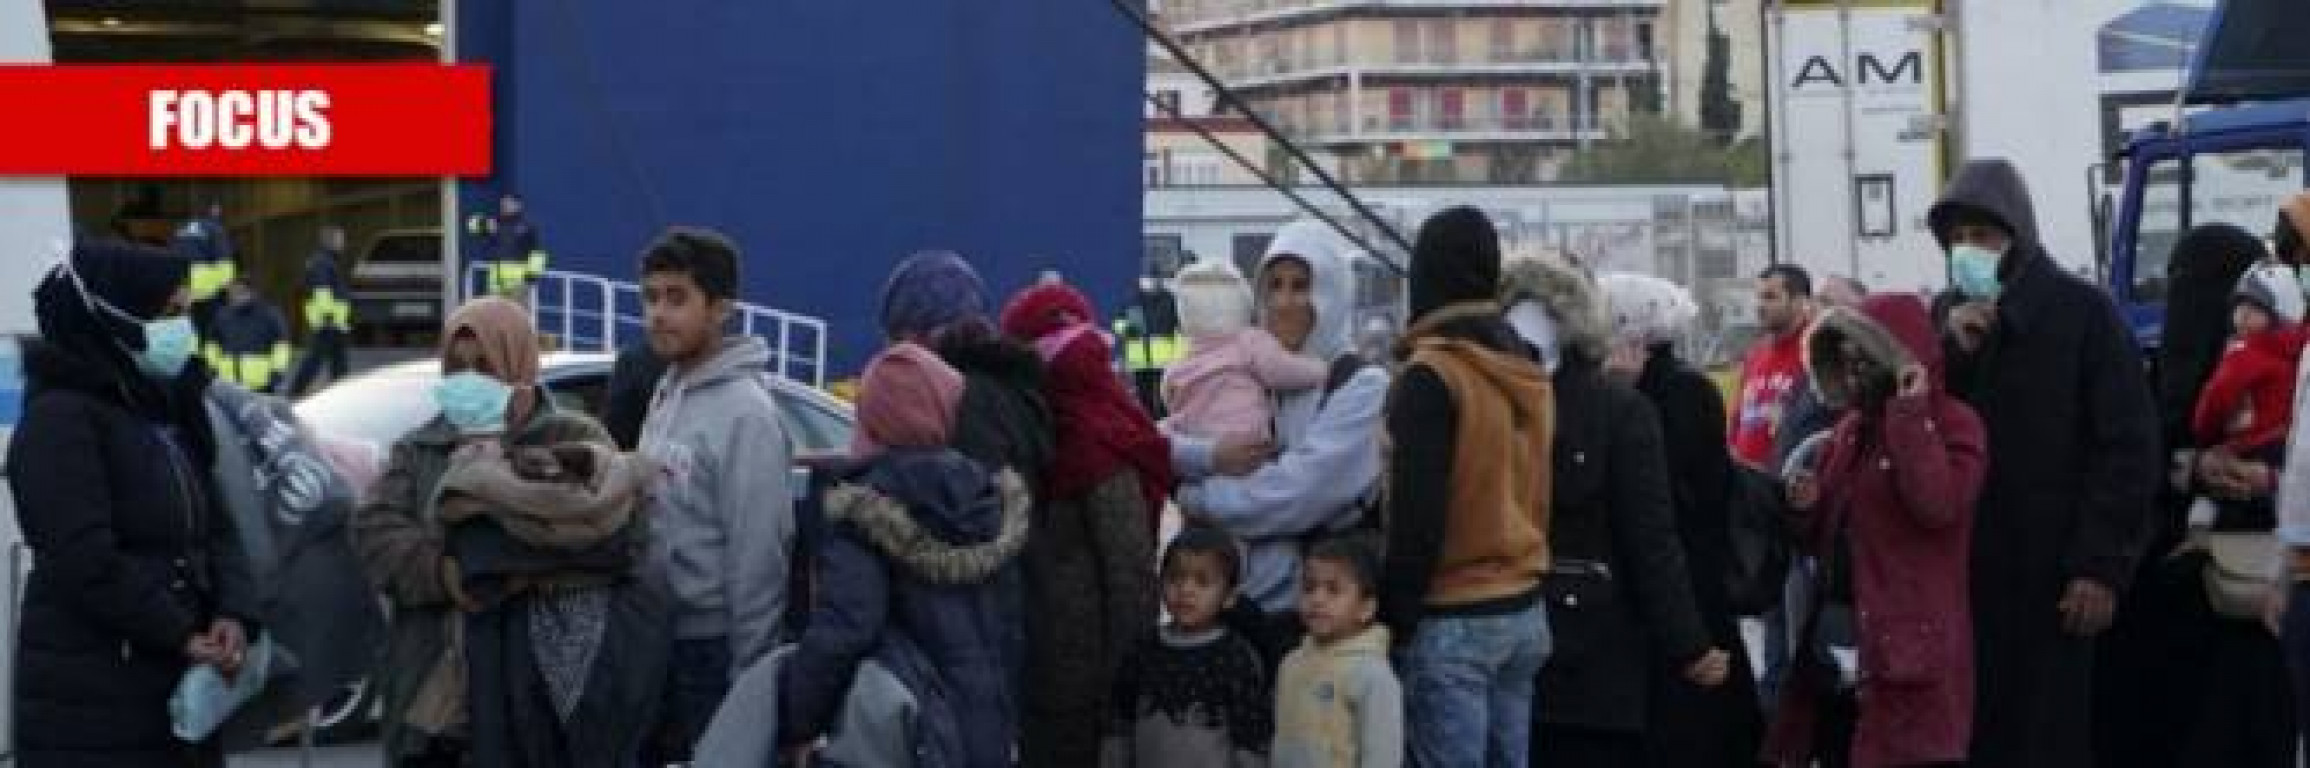 Ecco perché i migranti rimangono in Italia: il nuovo fallimento del governo